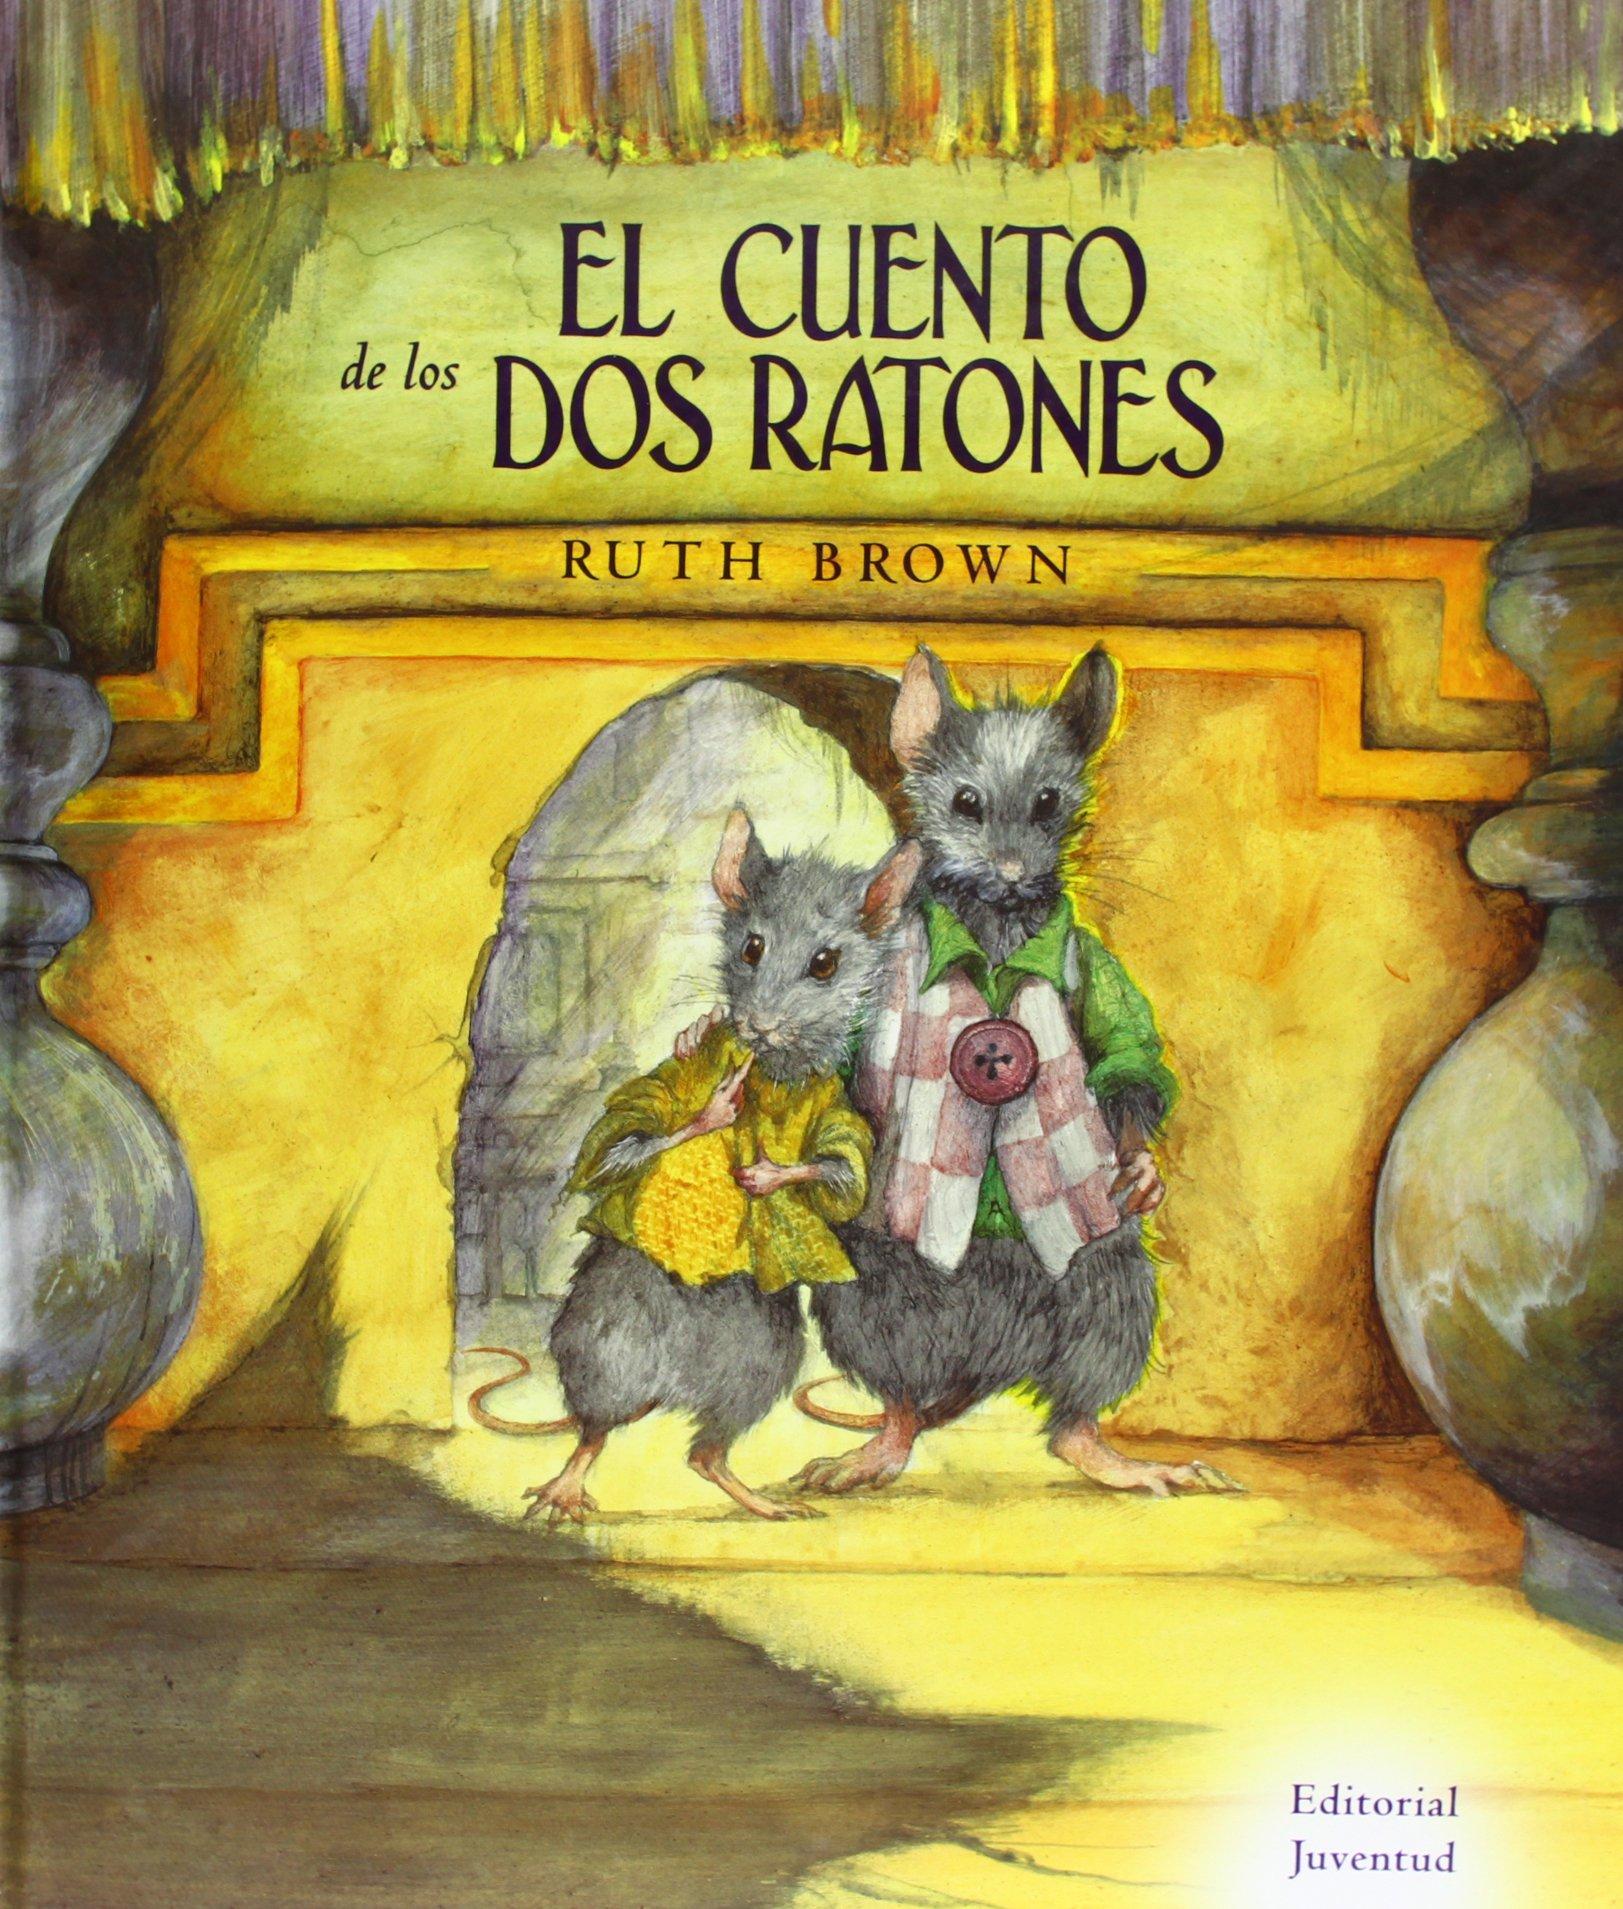 El cuento de los dos Ratones: Amazon.es: Bromn, Ruth: Libros